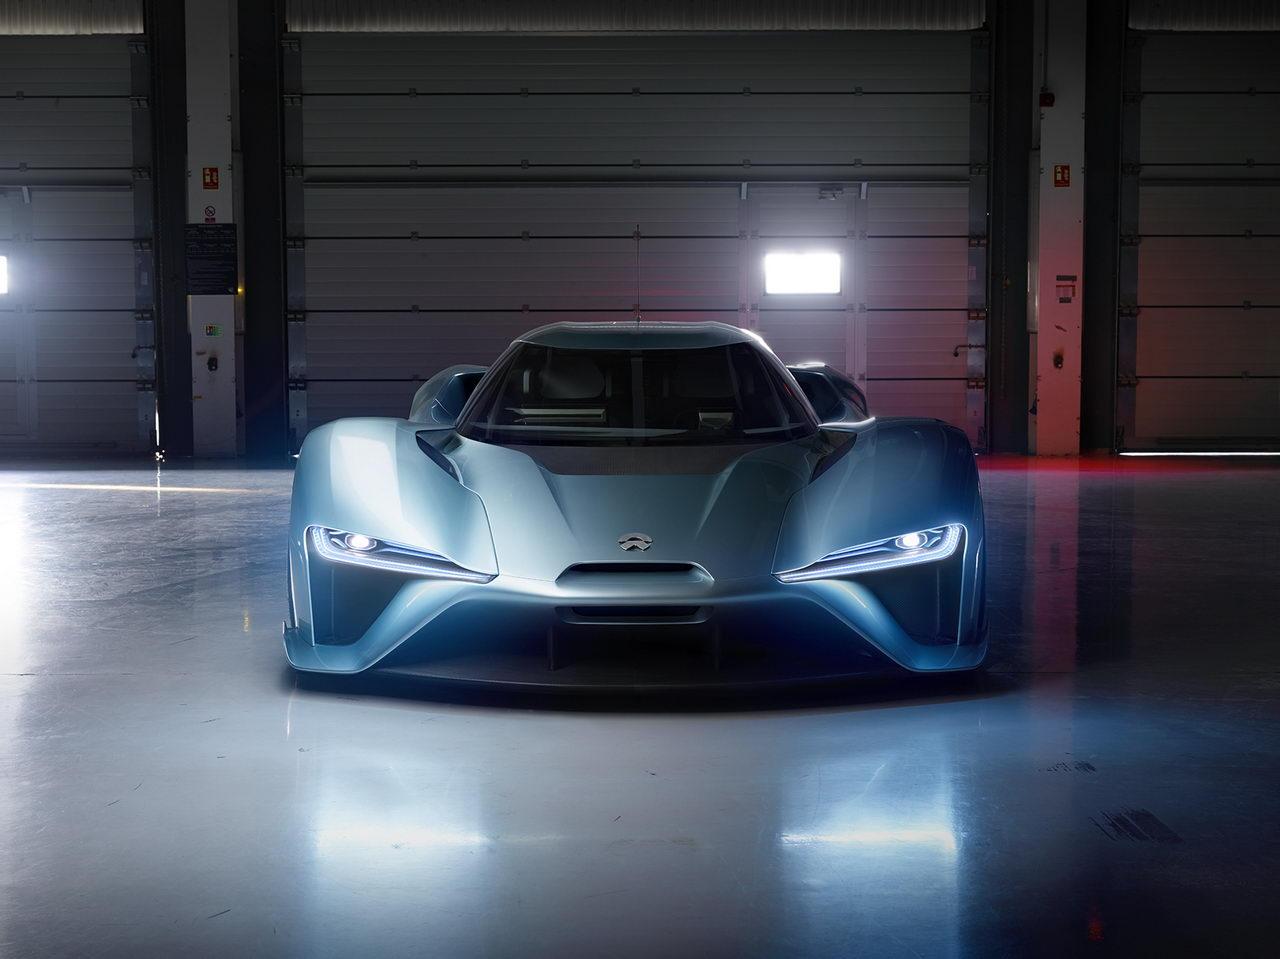 自主发布最快电动超跑 特斯拉直接被干掉